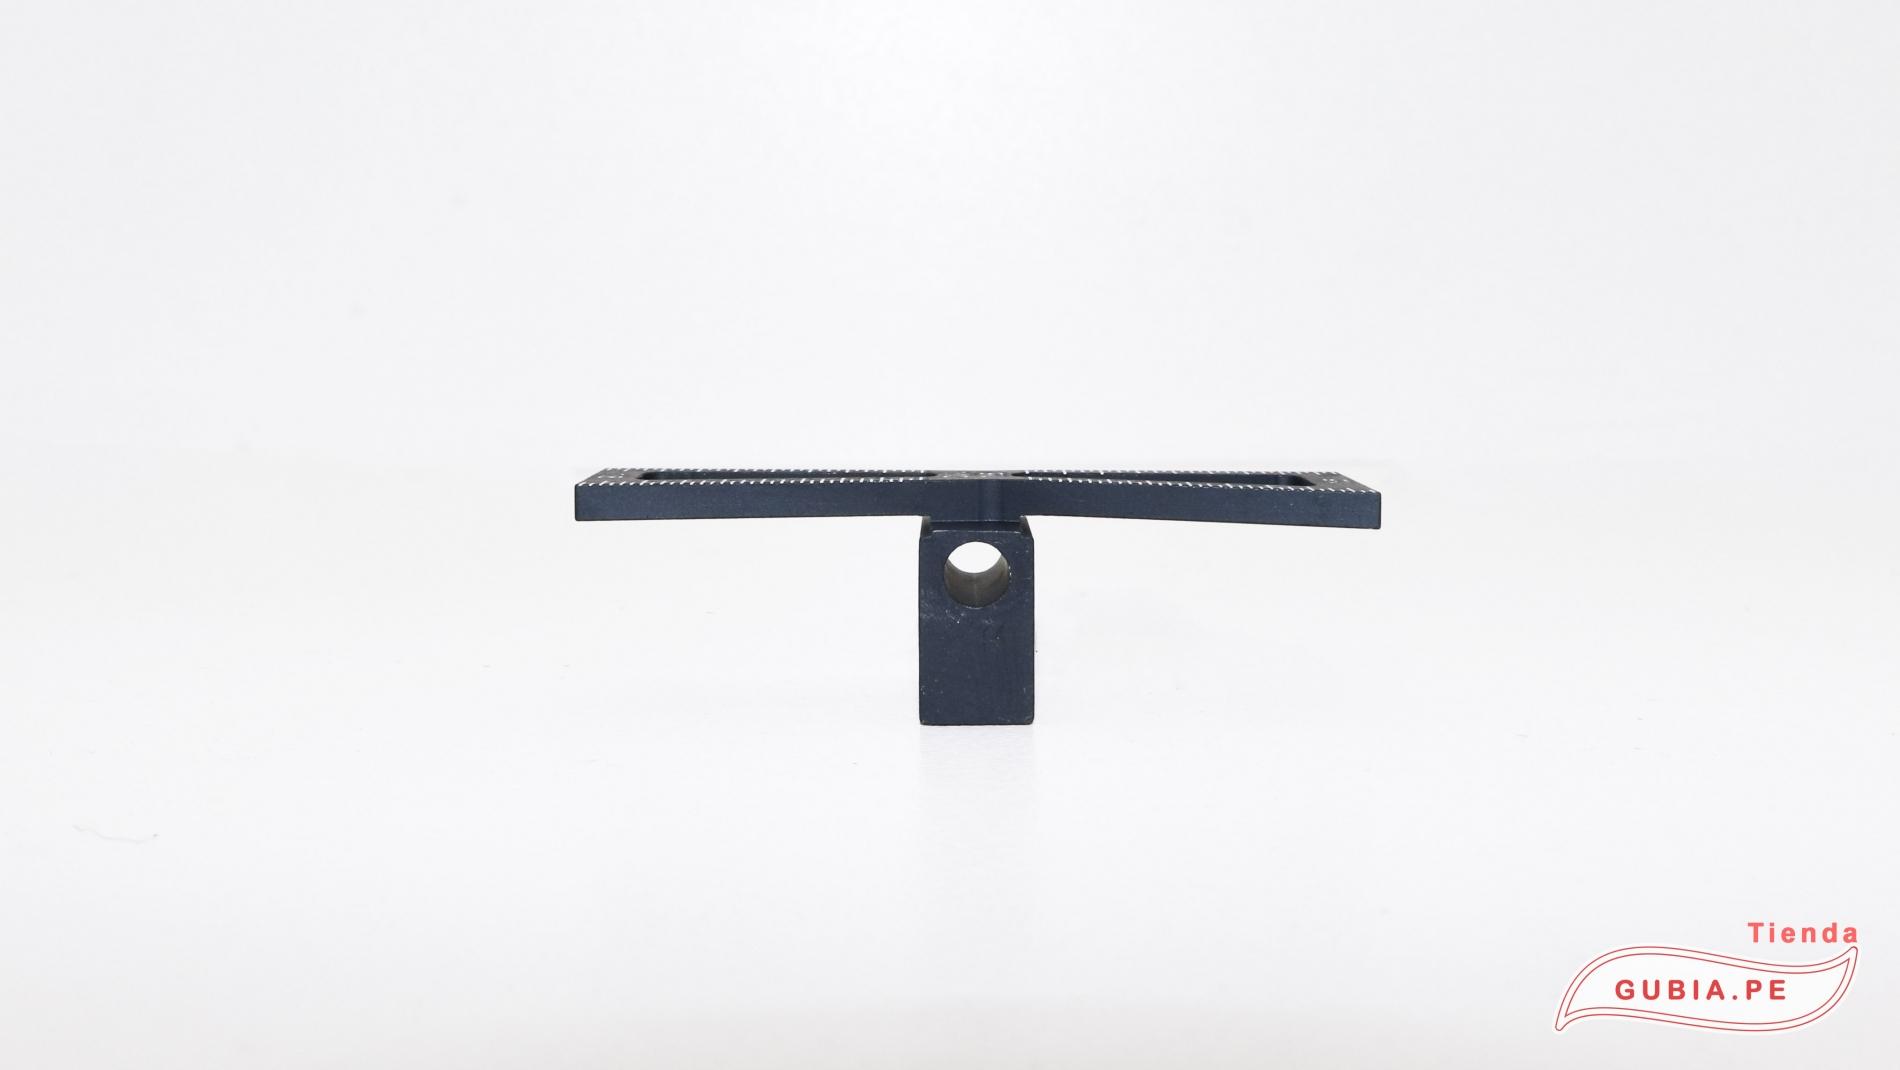 167553-Marcador de cola de milano proporcion 2.0 WoodRiver 167553-max-3.